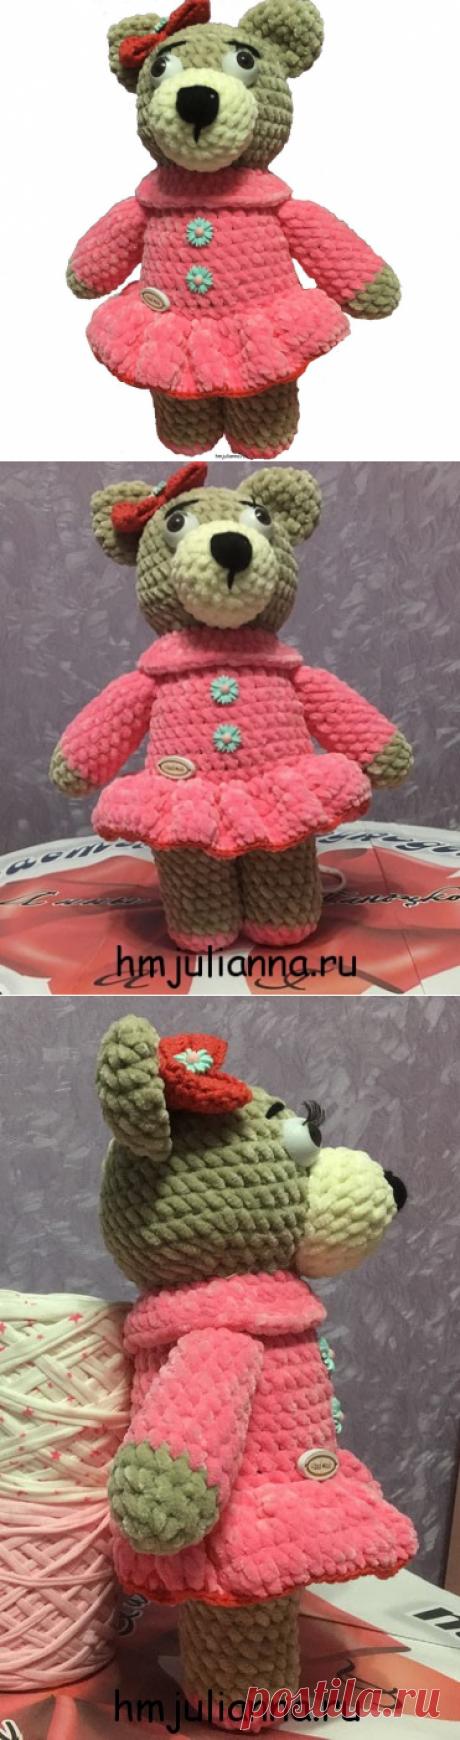 Детская игрушка Медведица в розовом платье выполненная из плюша.Мастерская рукоделия Анны Ганоцкой